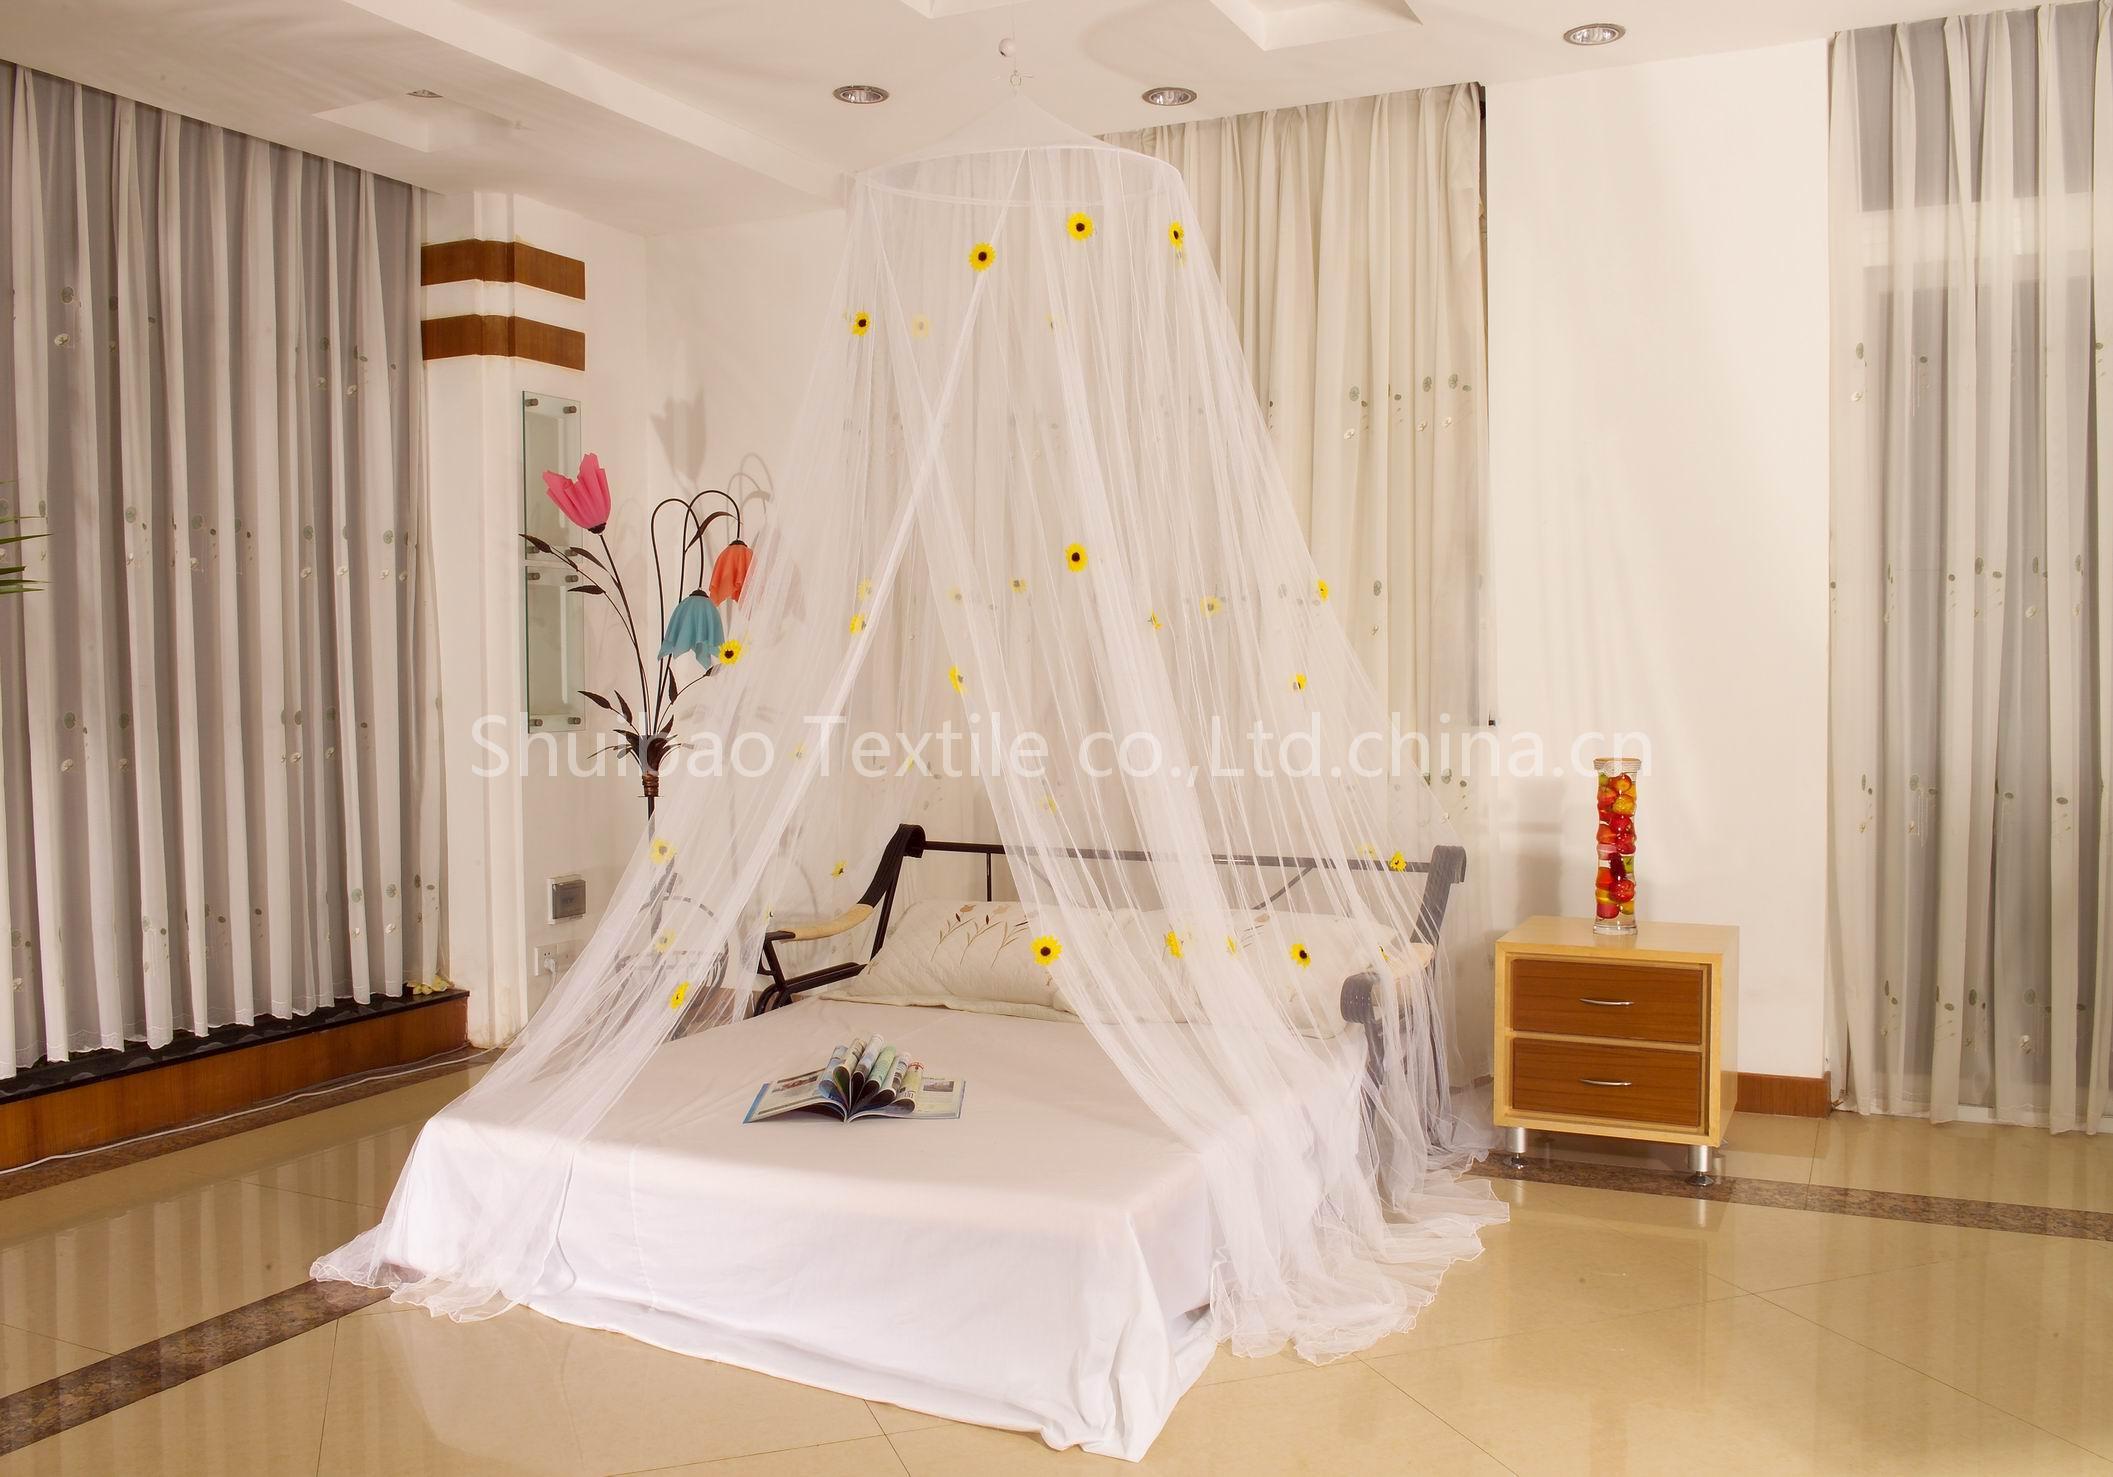 Imagini pentru pat cu baldachin contra tantari